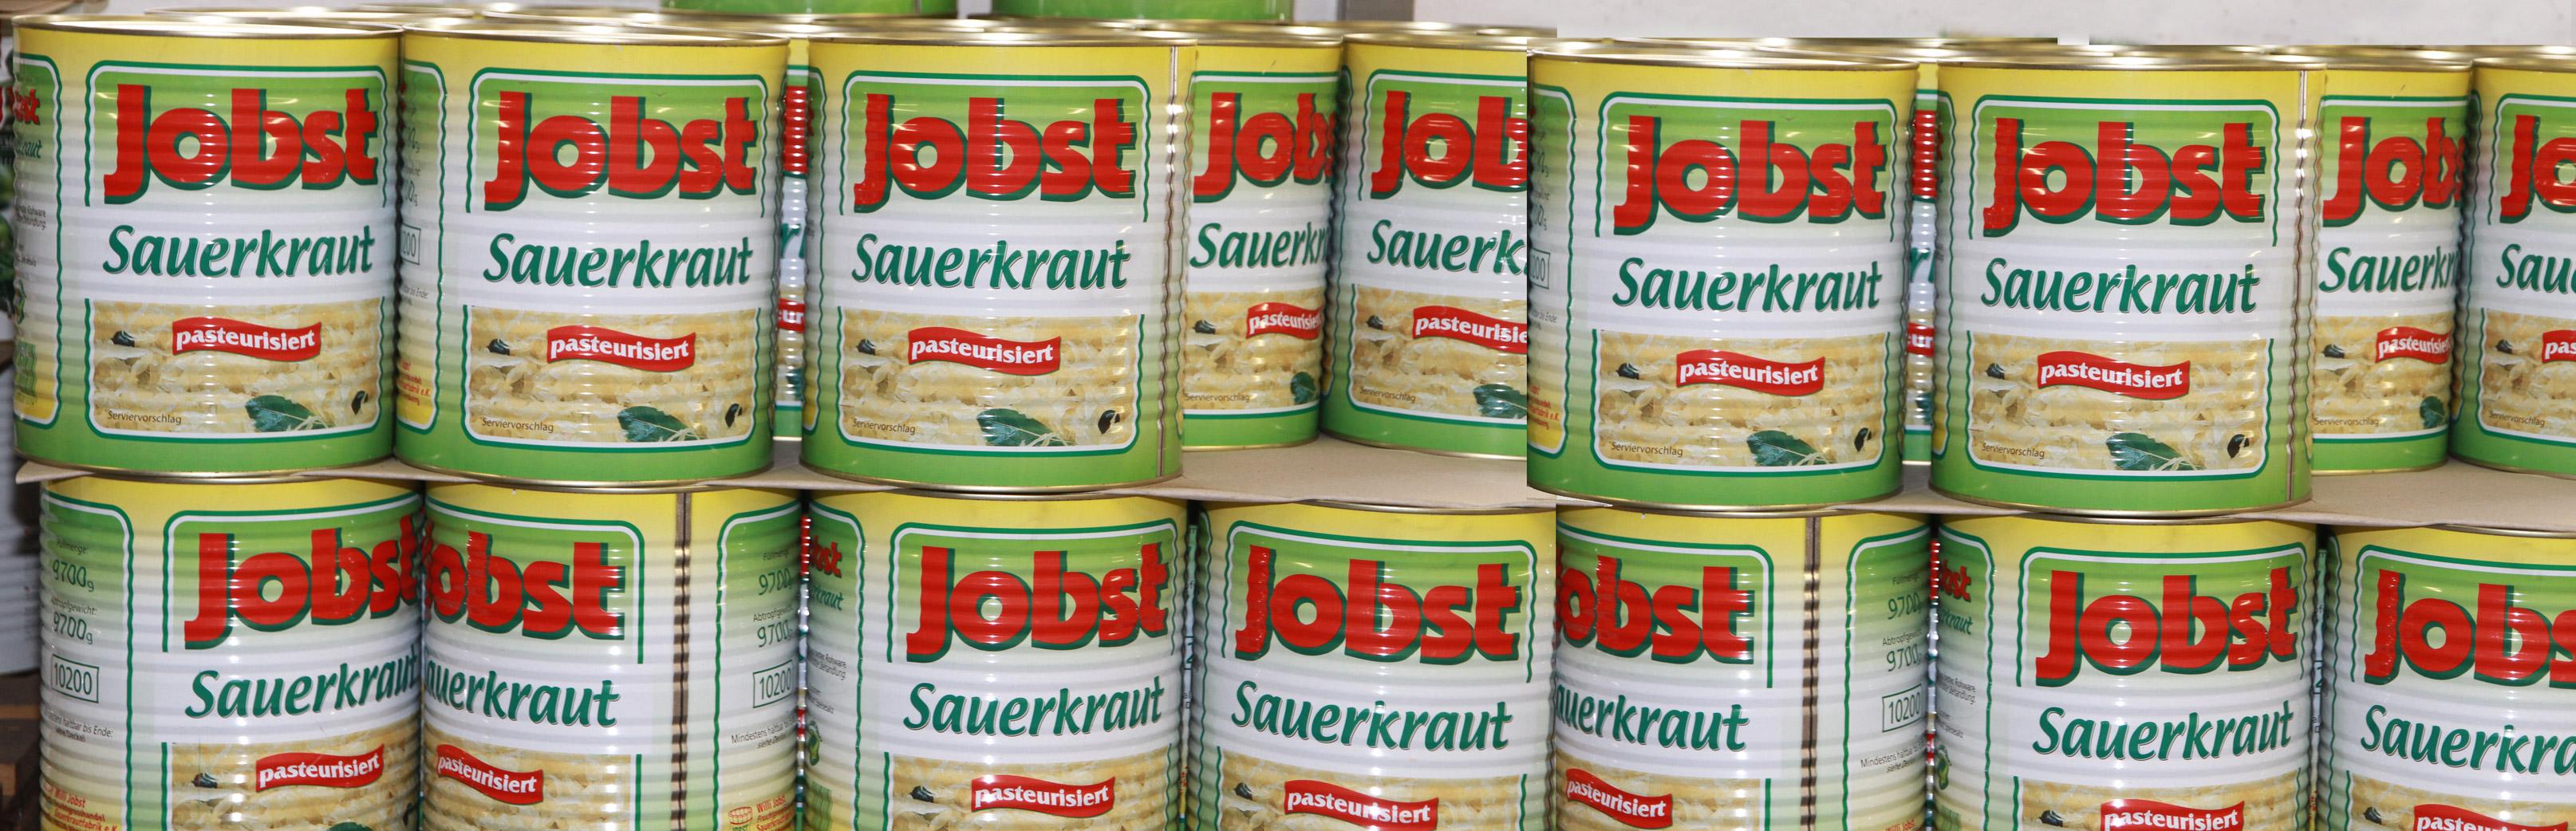 Sauerkraut von Jobst Sauerkrautfabrik